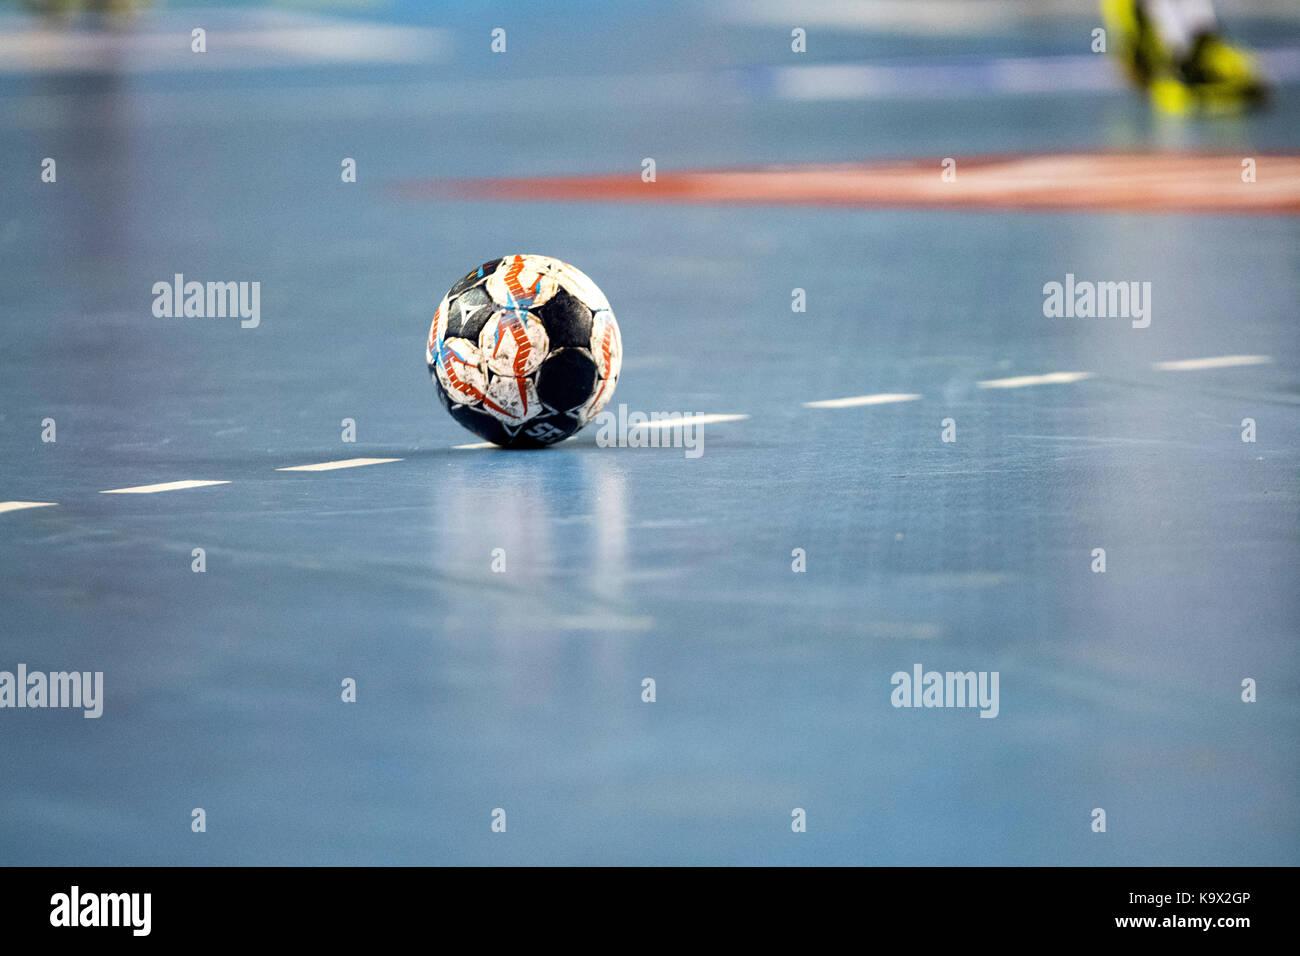 León, España. El 24 de septiembre, 2017. La bola del partido durante el partido de balonmano EHF 2017/2018 Imagen De Stock